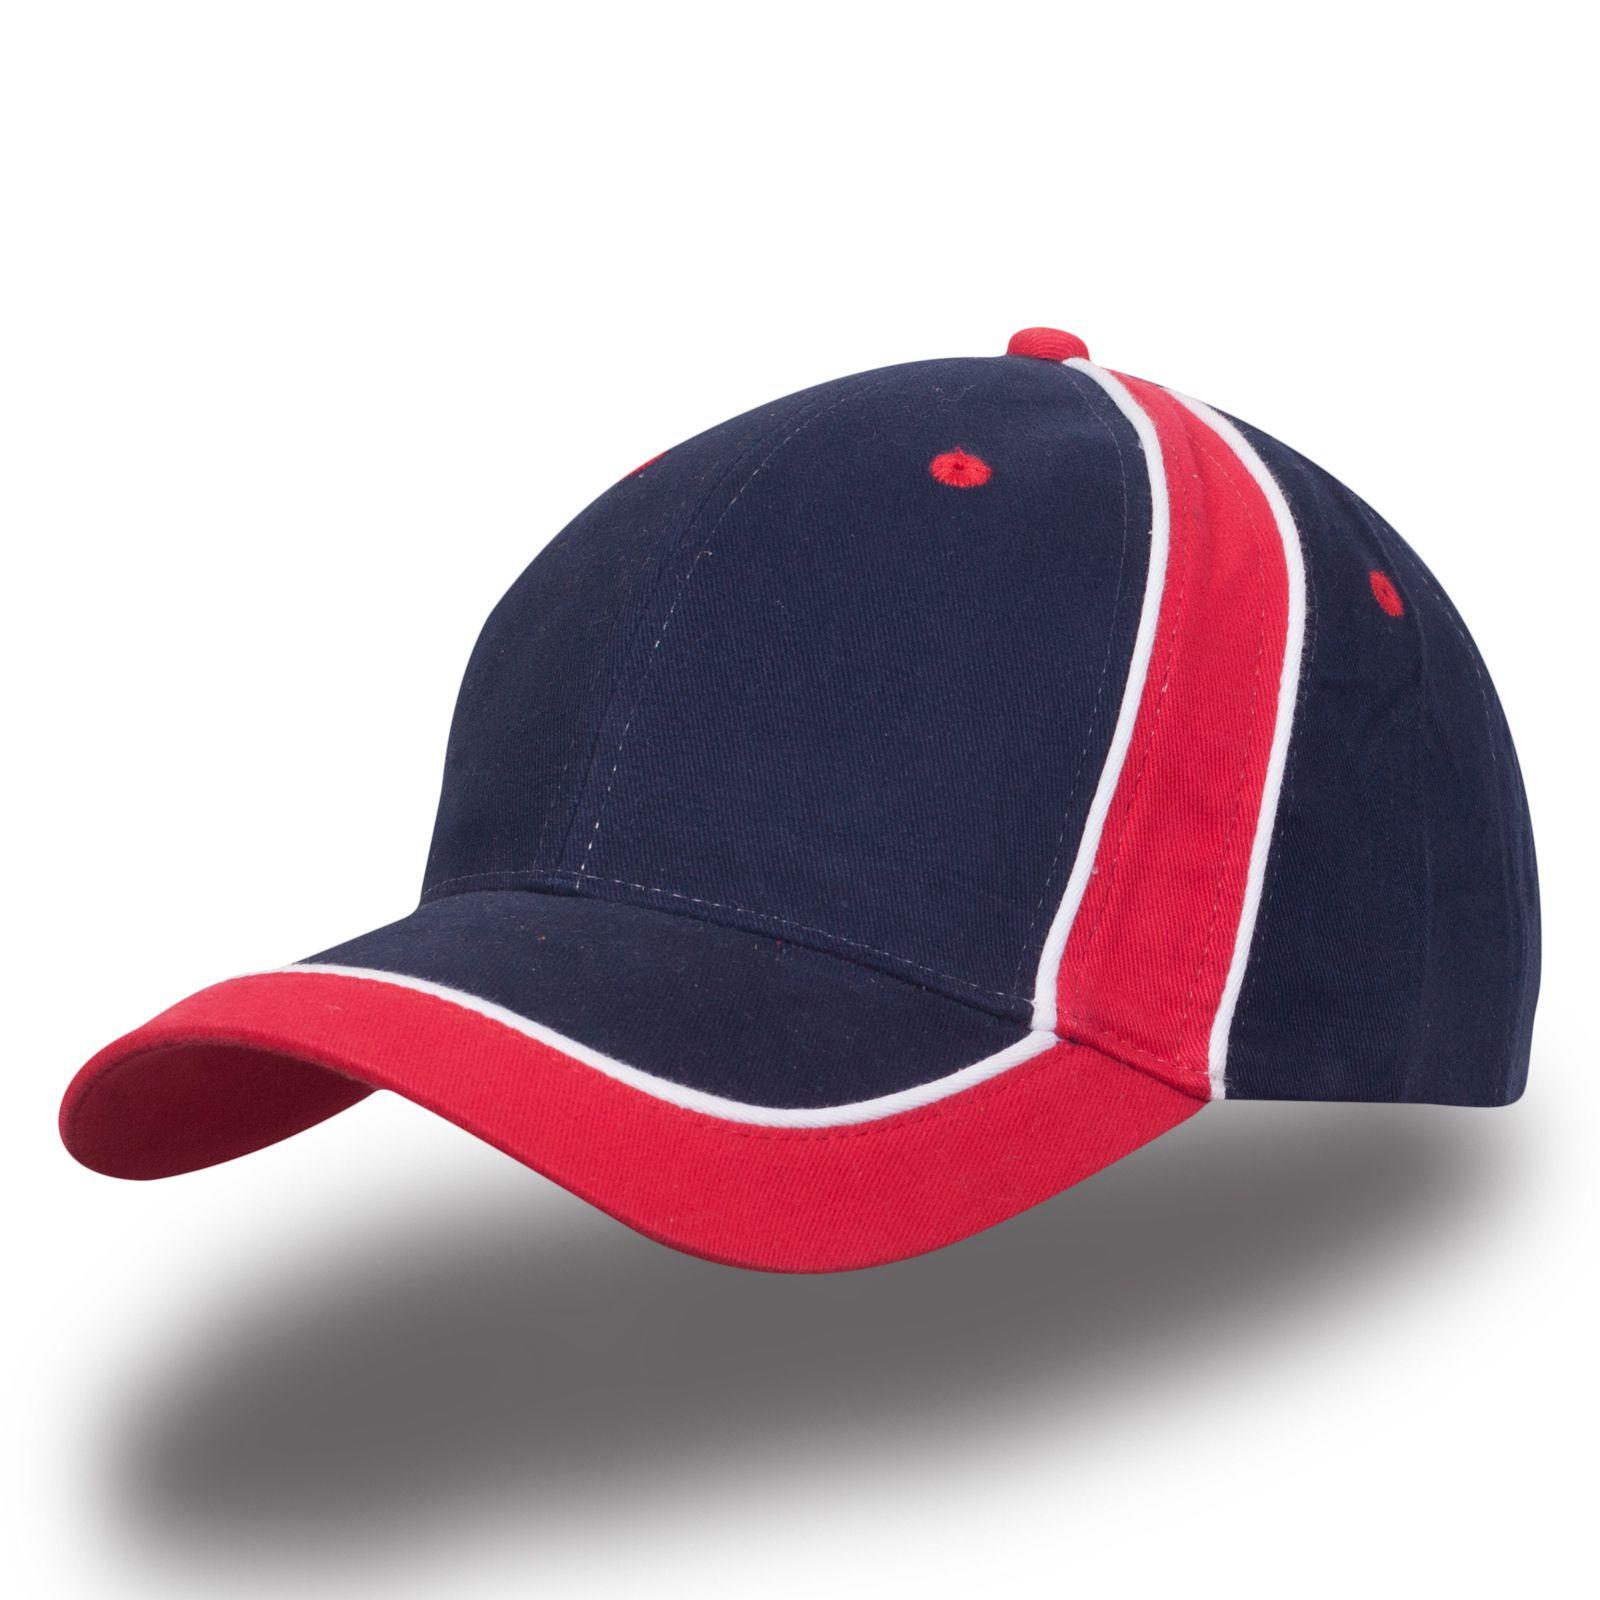 Бейсболка спортивная - купить с доставкой